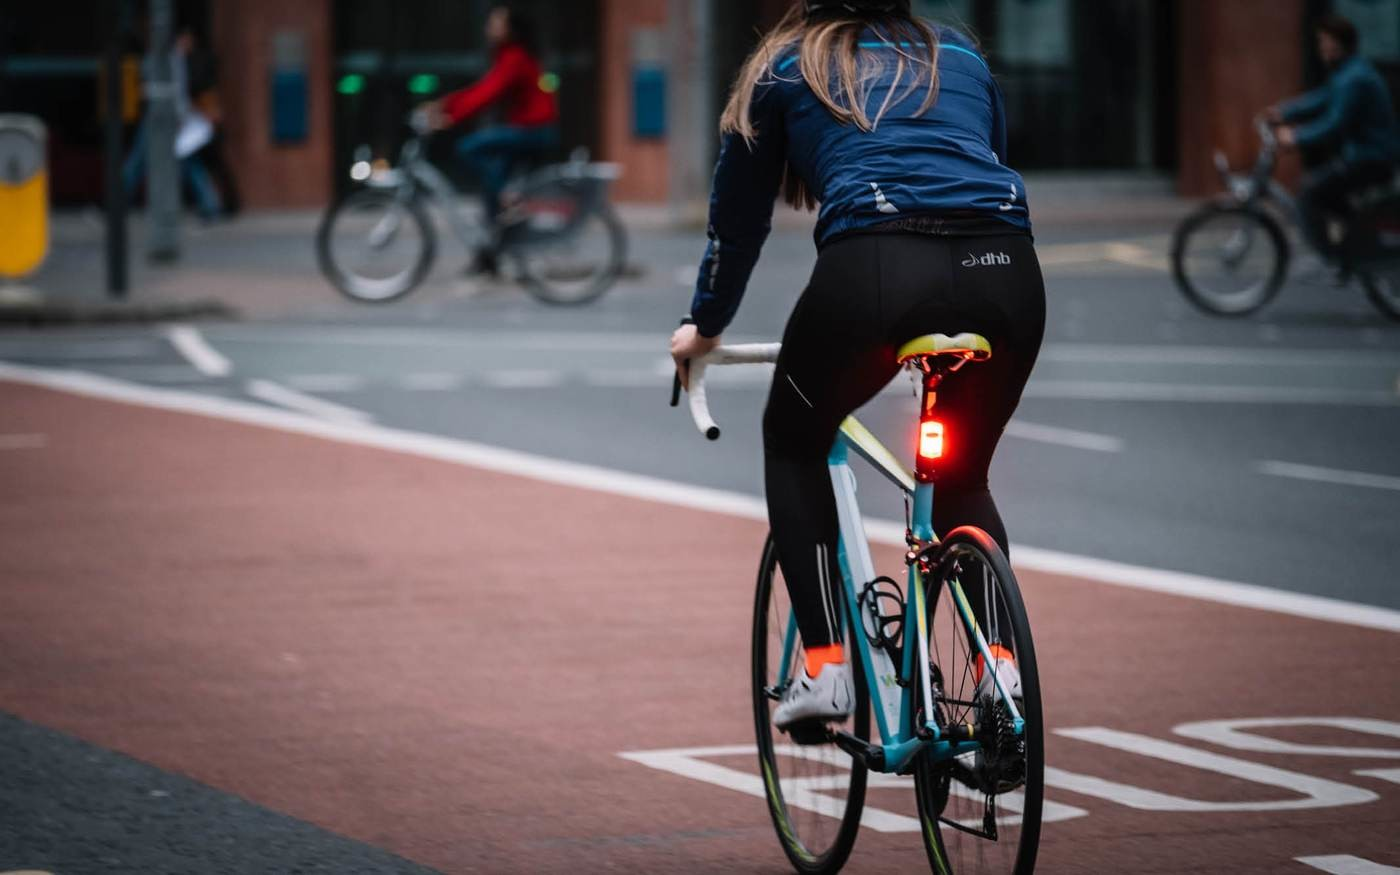 Se é ciclista, torne-se visível na estrada